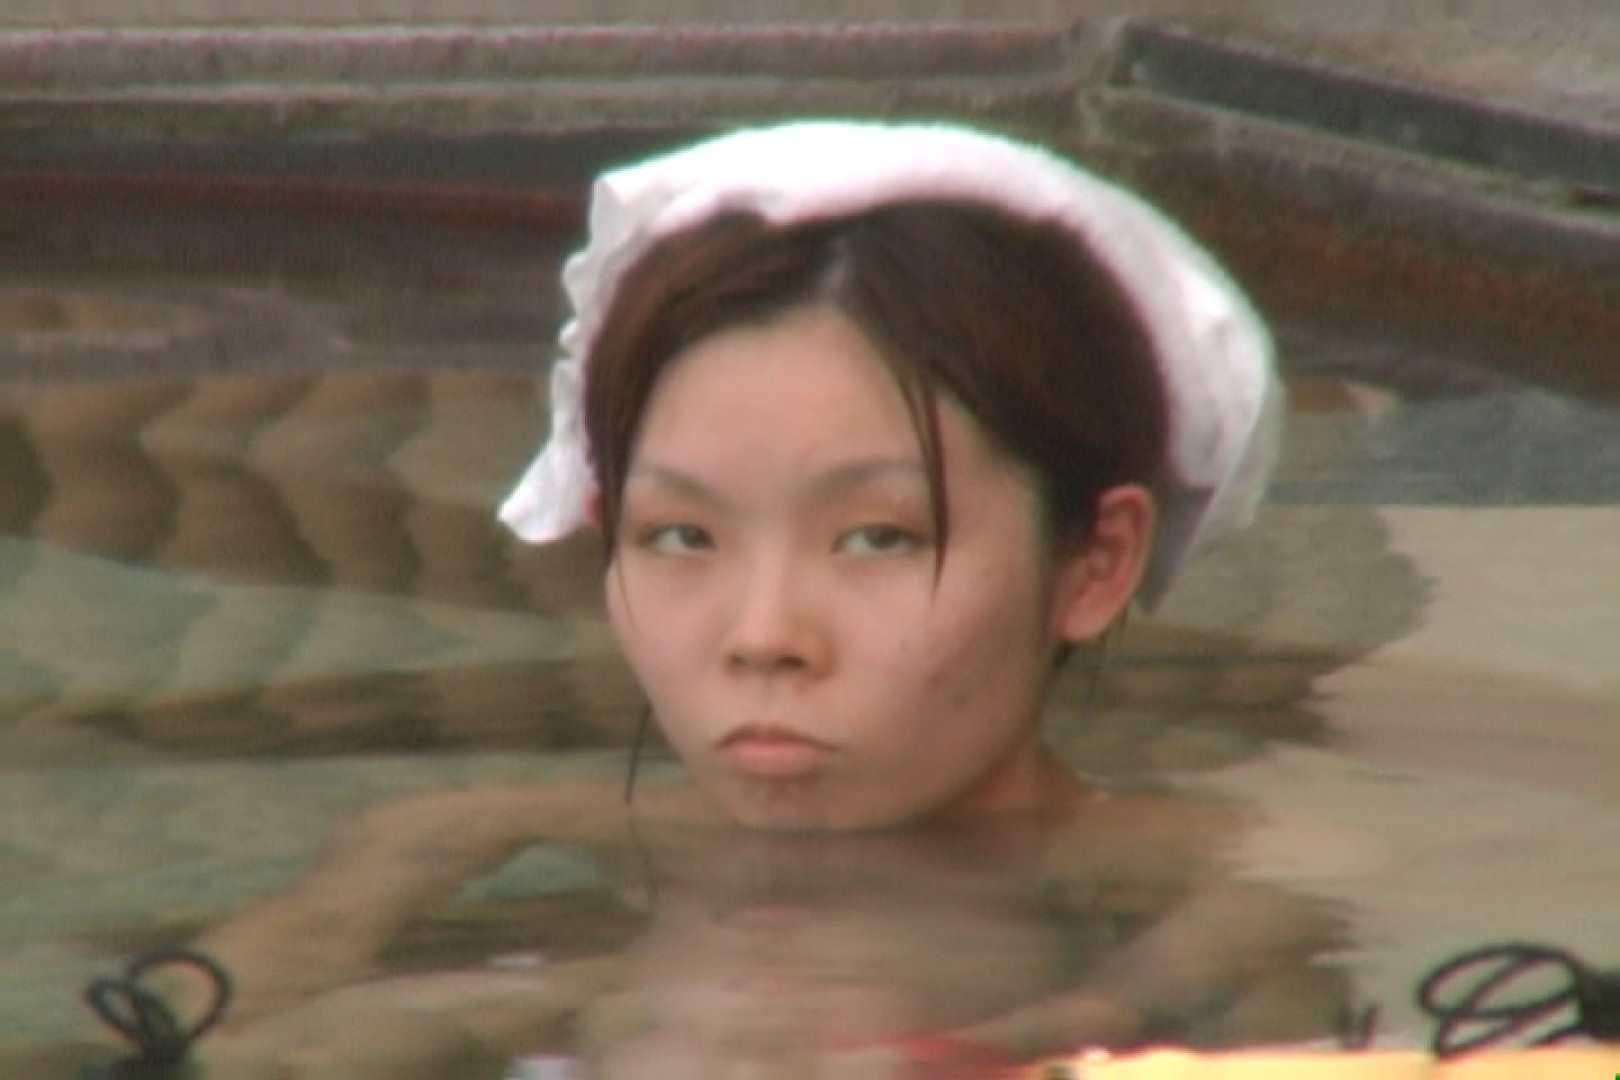 Aquaな露天風呂Vol.580 0   0  103pic 83